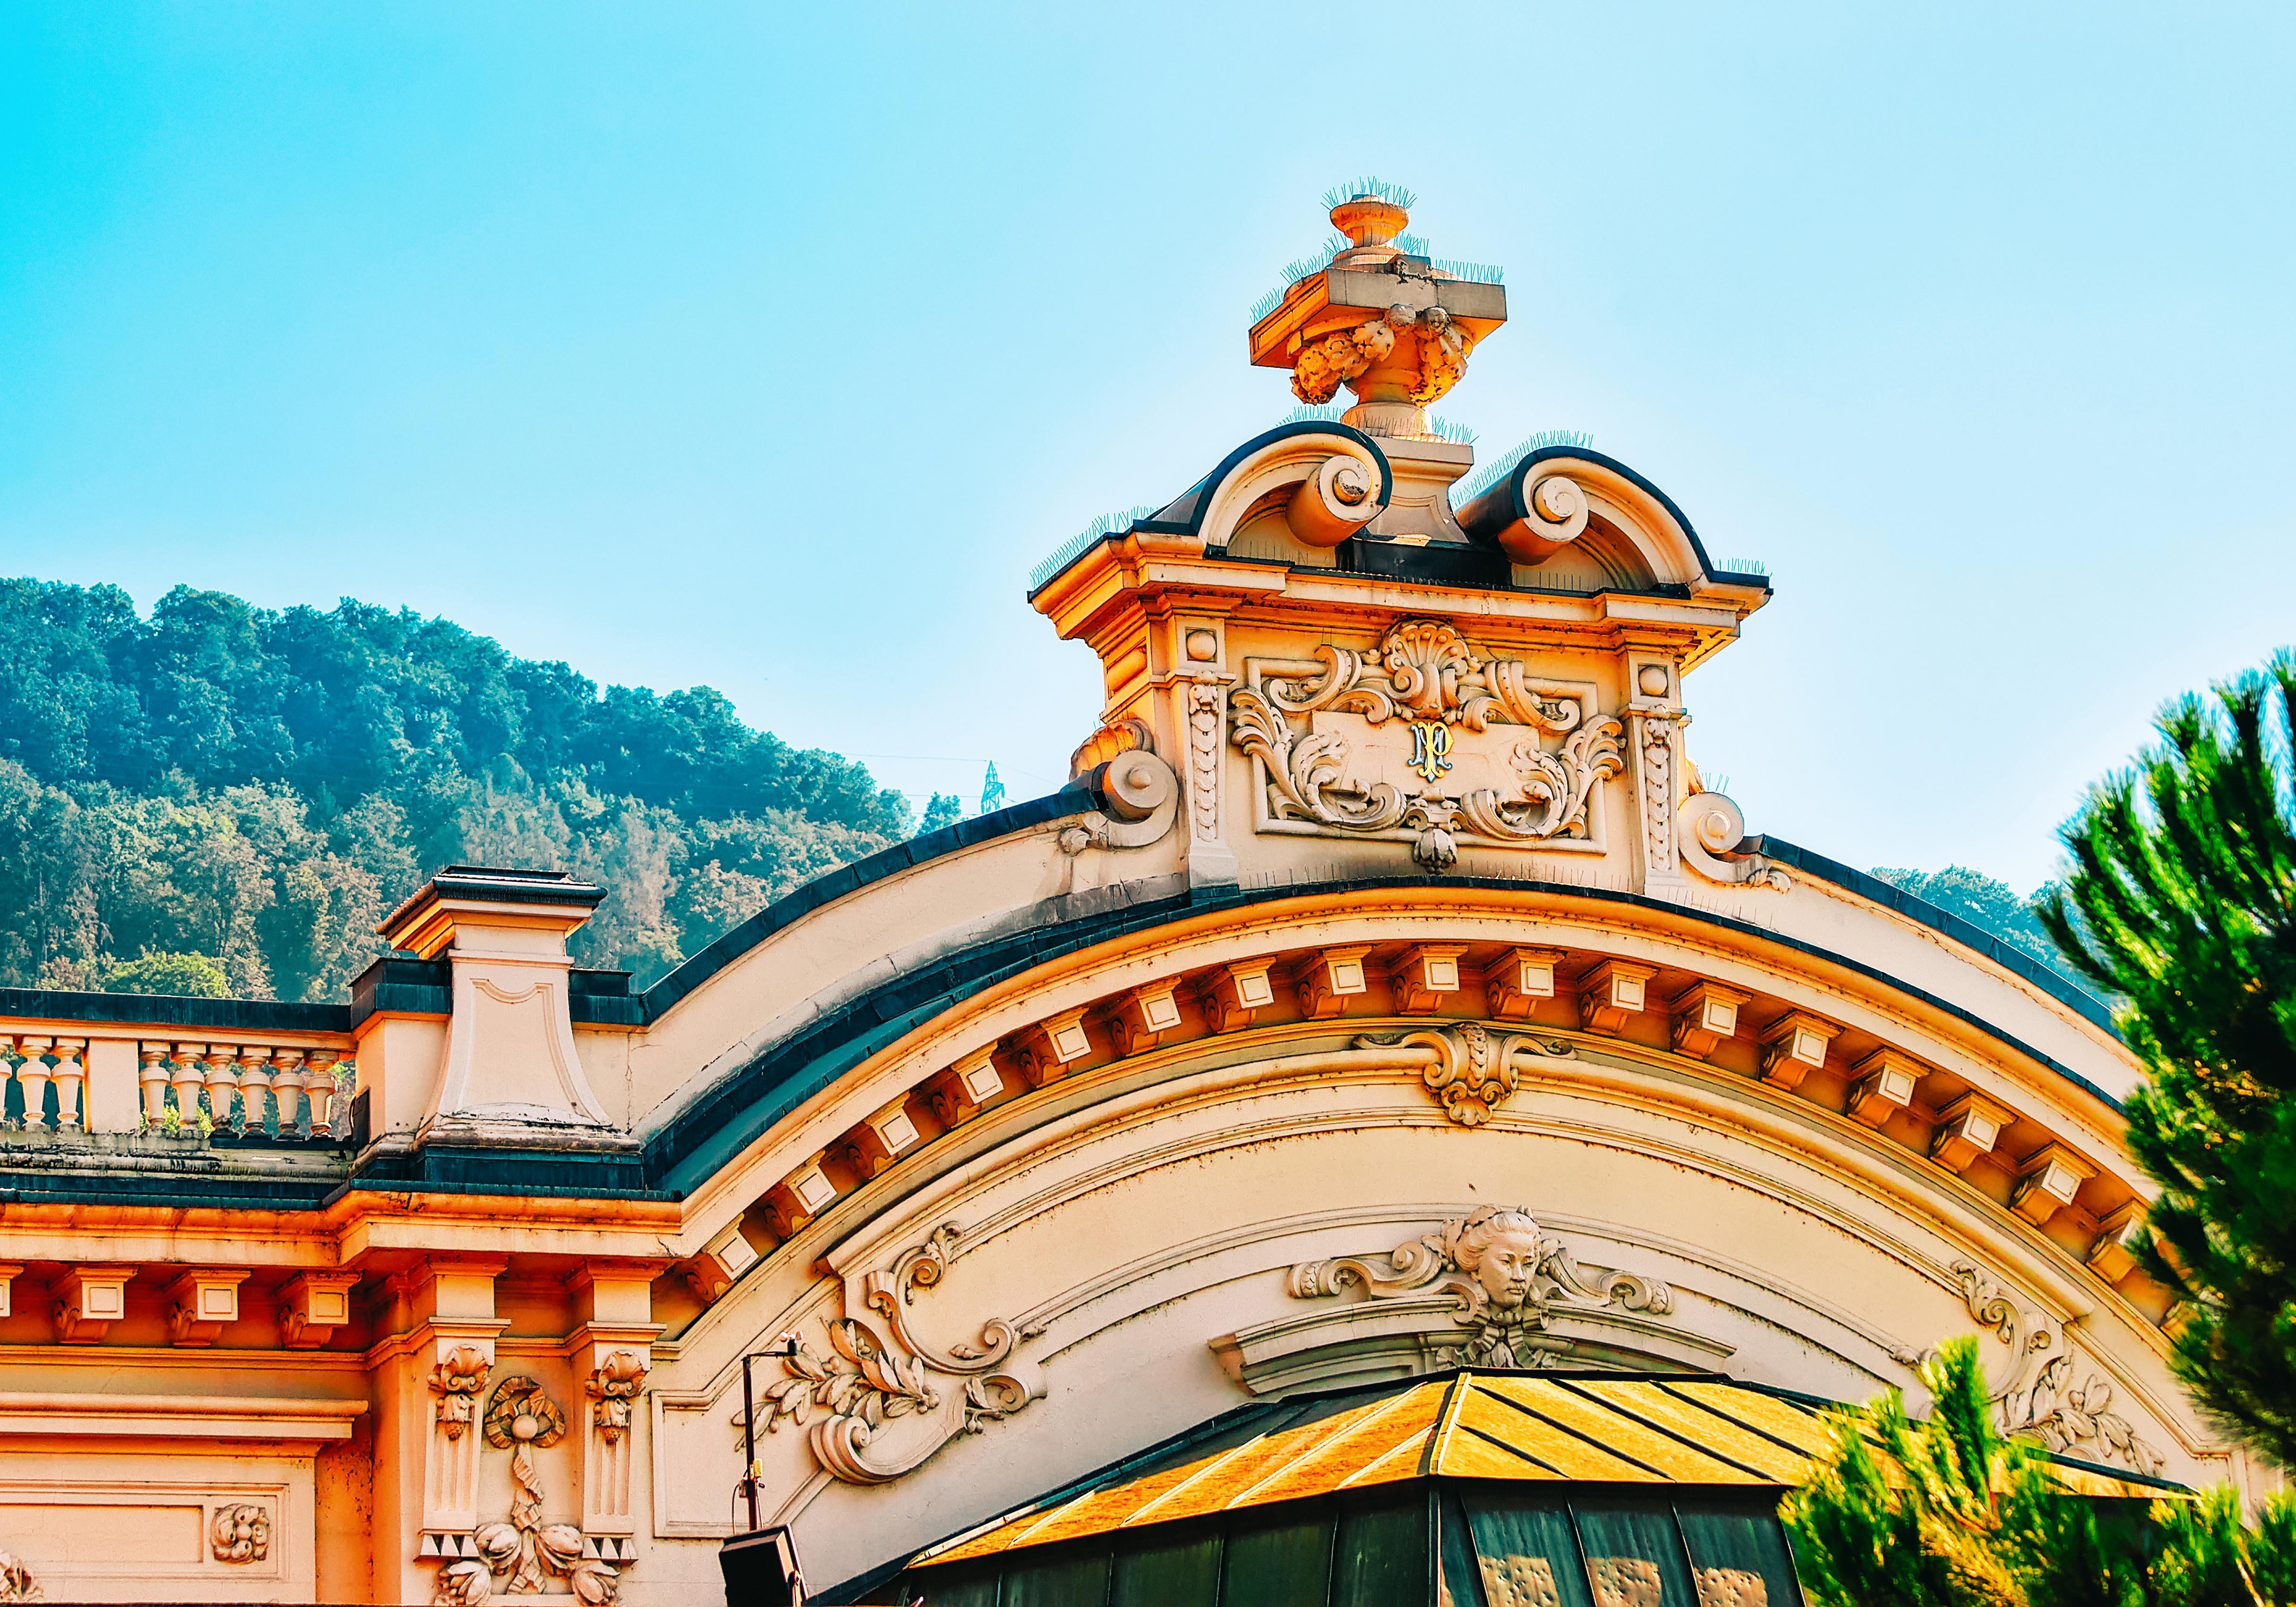 Summer, Montreux, Switzerland